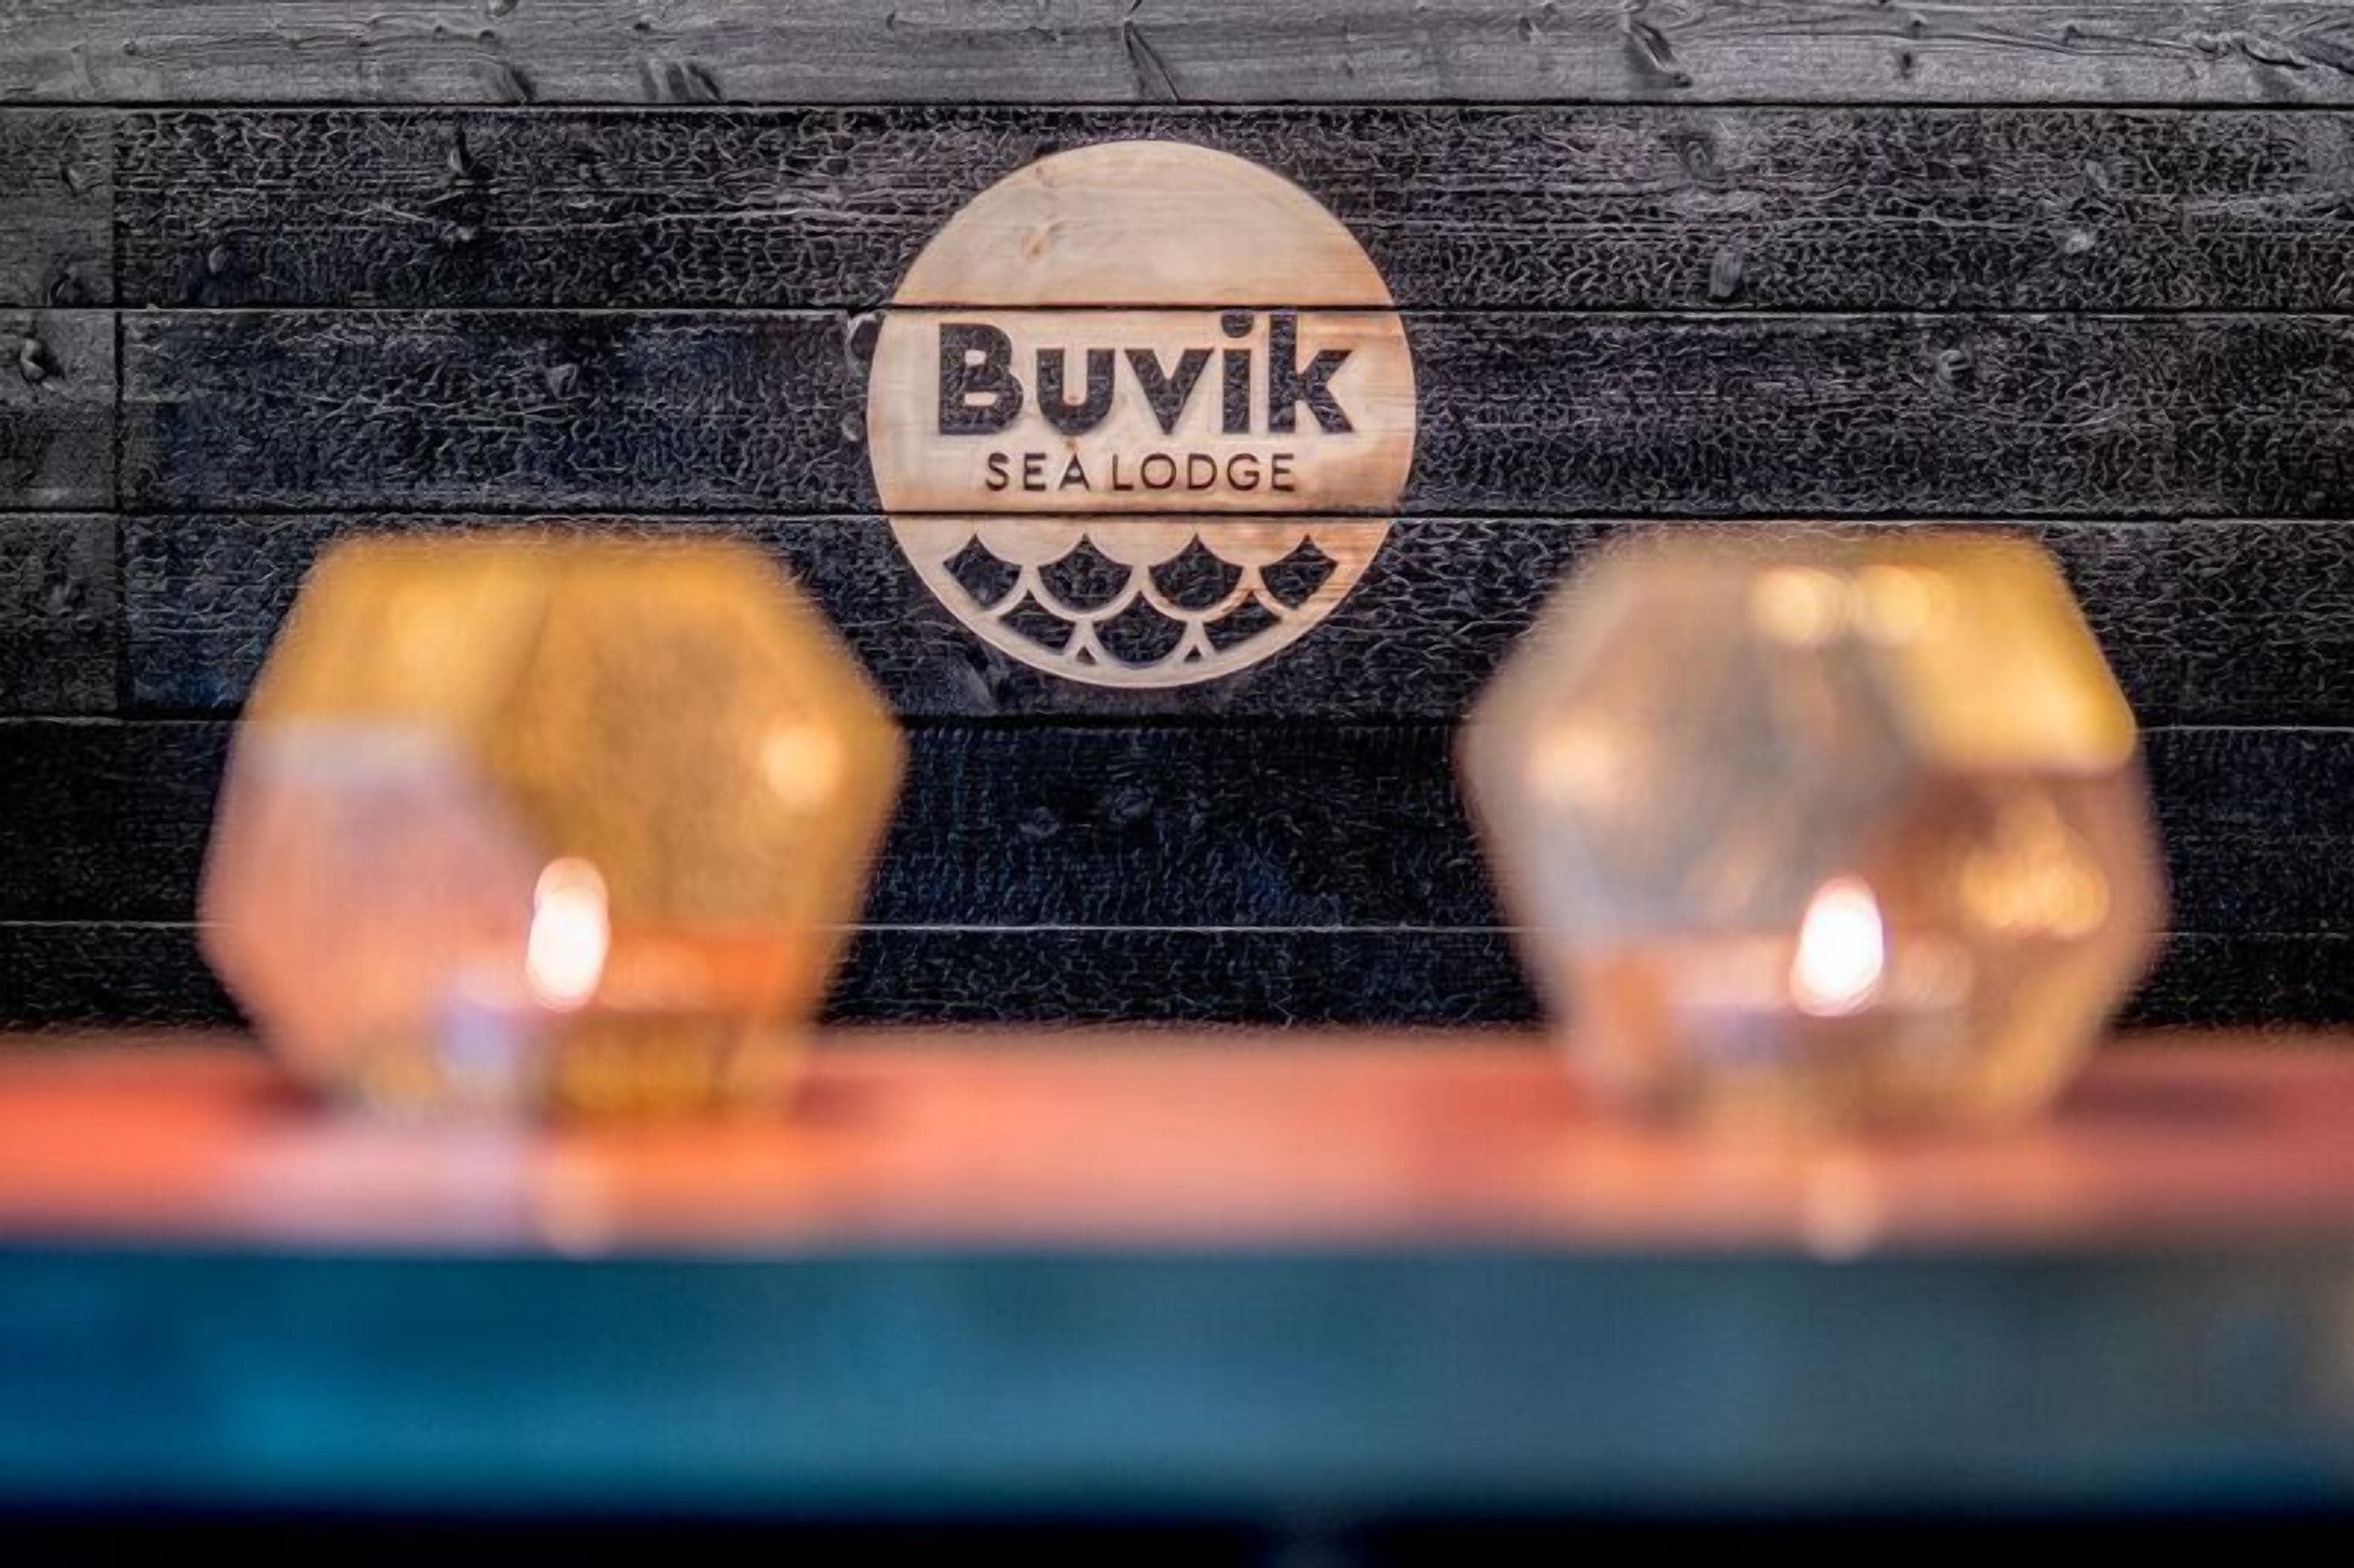 Buvik Sea Lodge